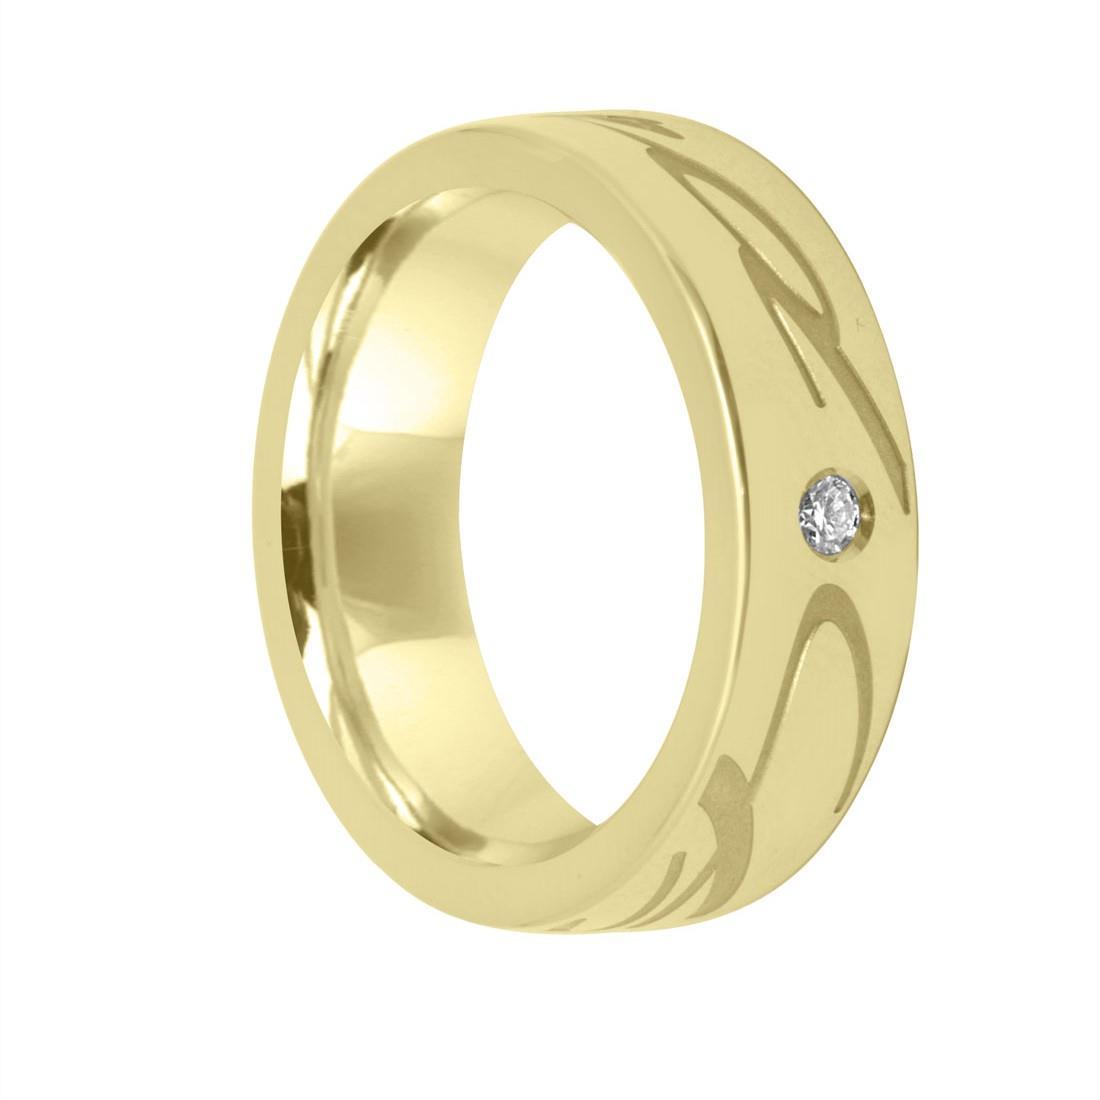 Anello in oro giallo con diamante ct 0.04, misura 13 - CHOPARD